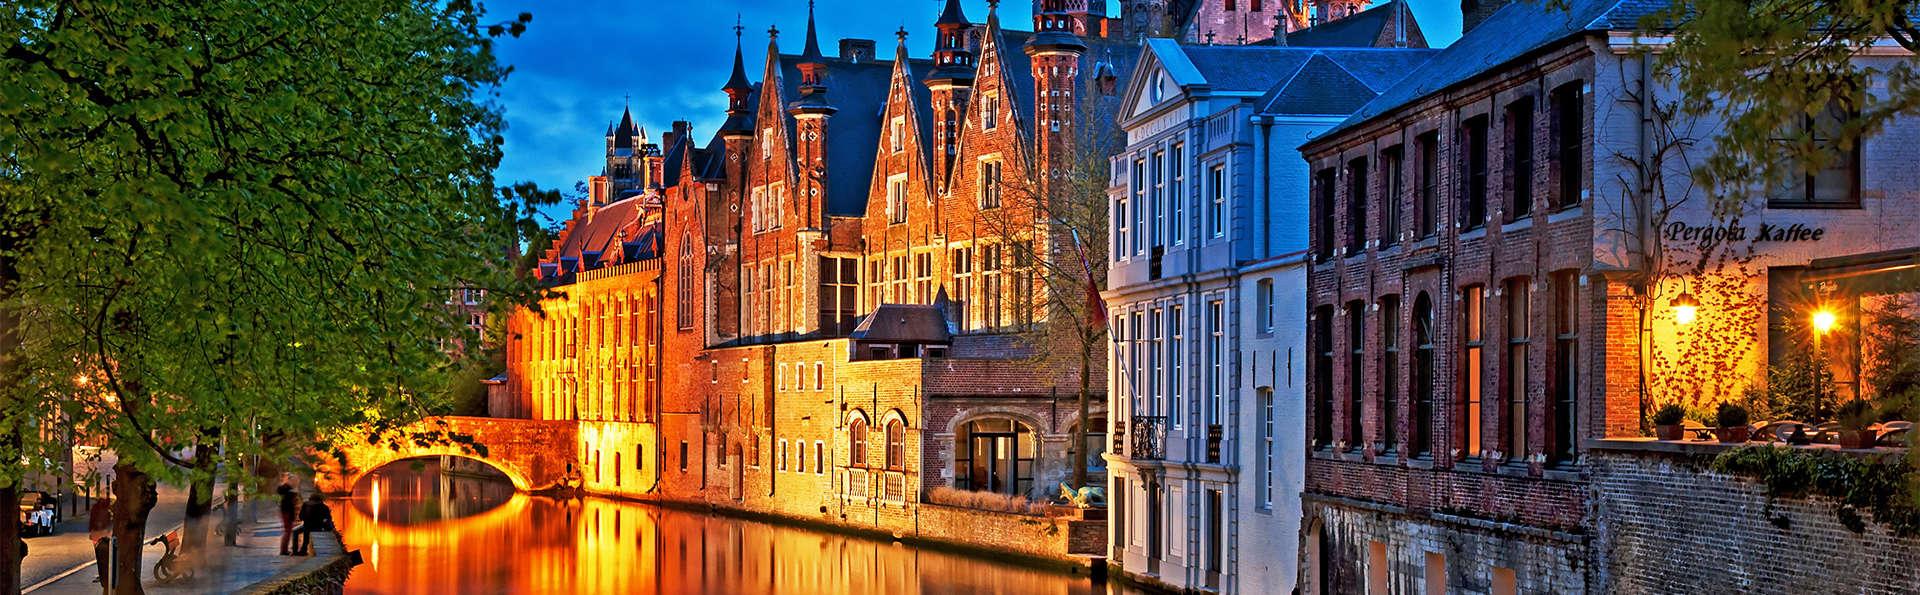 Velotel Brugge - EDIT_destination.jpg